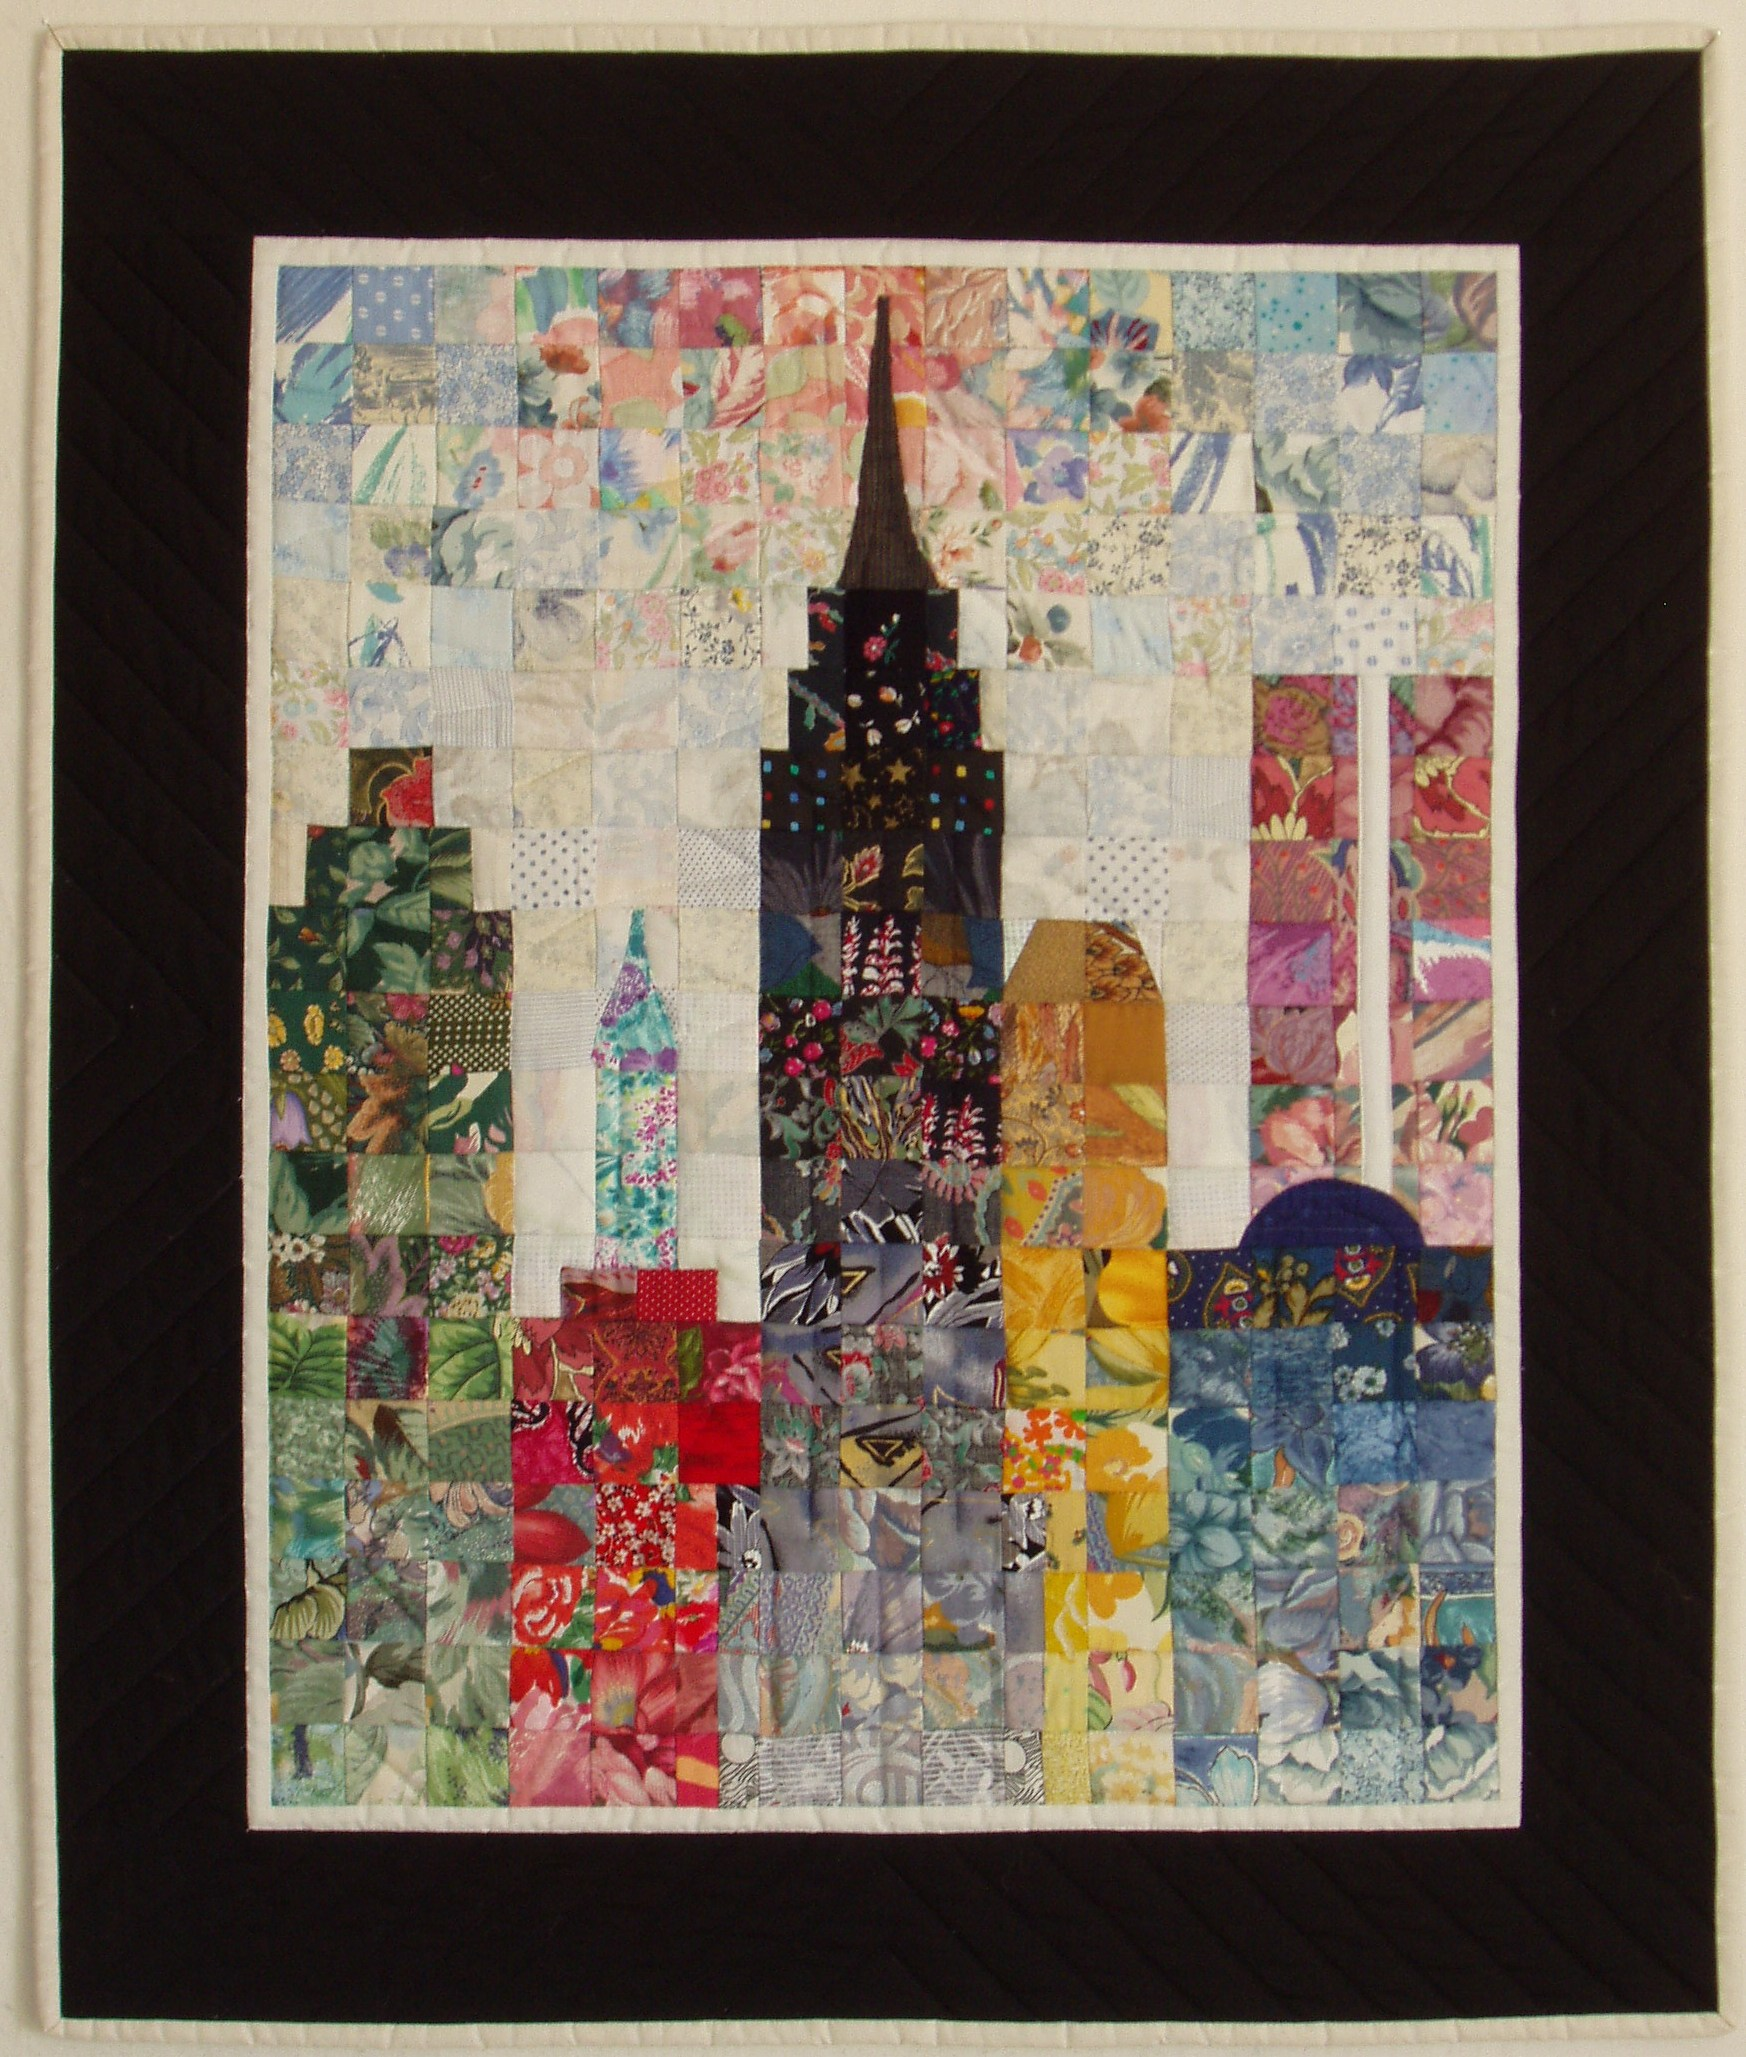 Landscape Quilt Patterns Kits : 1000+ ideas about Watercolor Quilt on Pinterest Quilts, Quilt Kits and Landscape Quilts